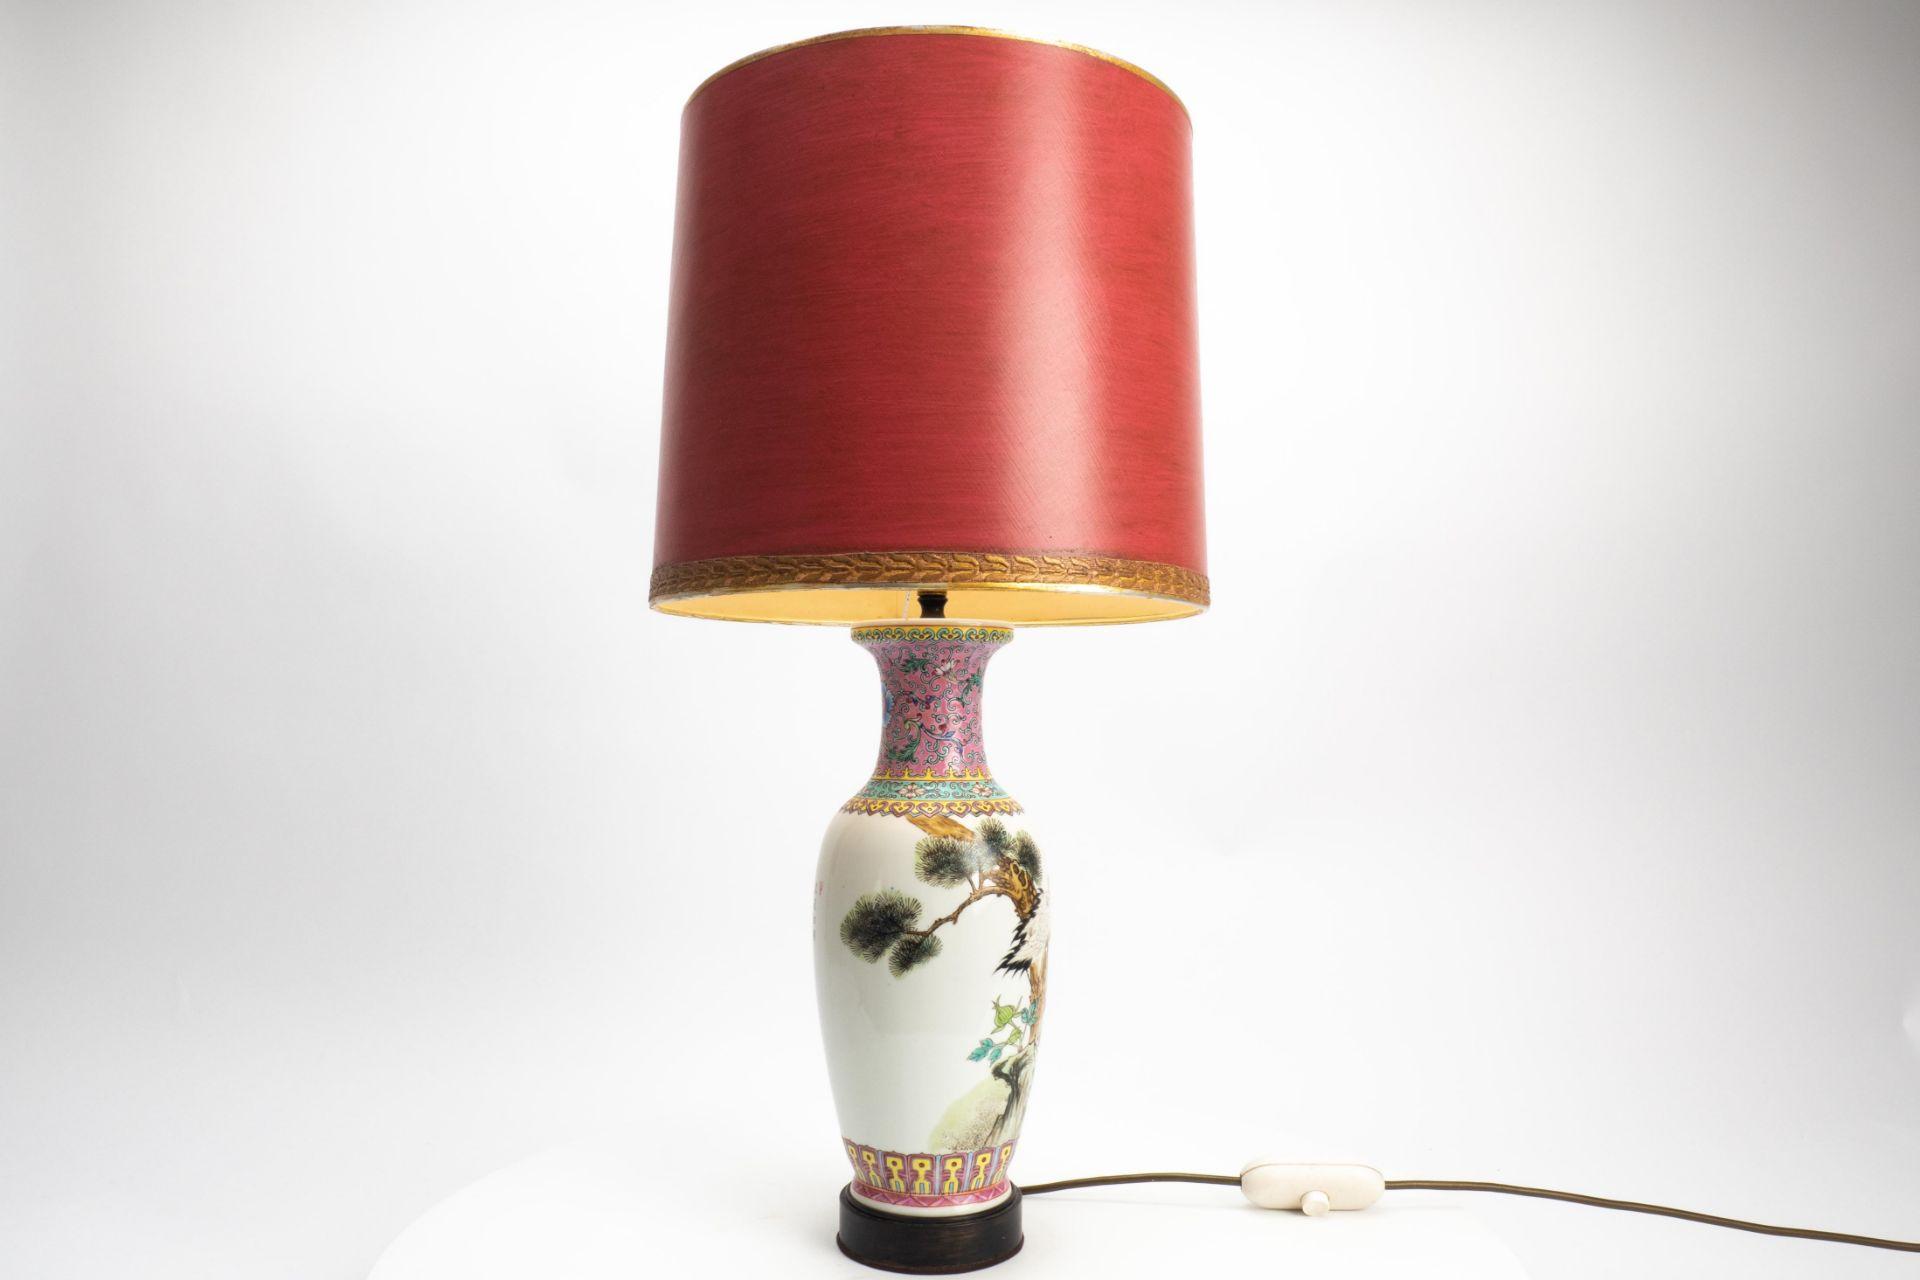 Porzellan-Lampe/Vase - Image 2 of 7